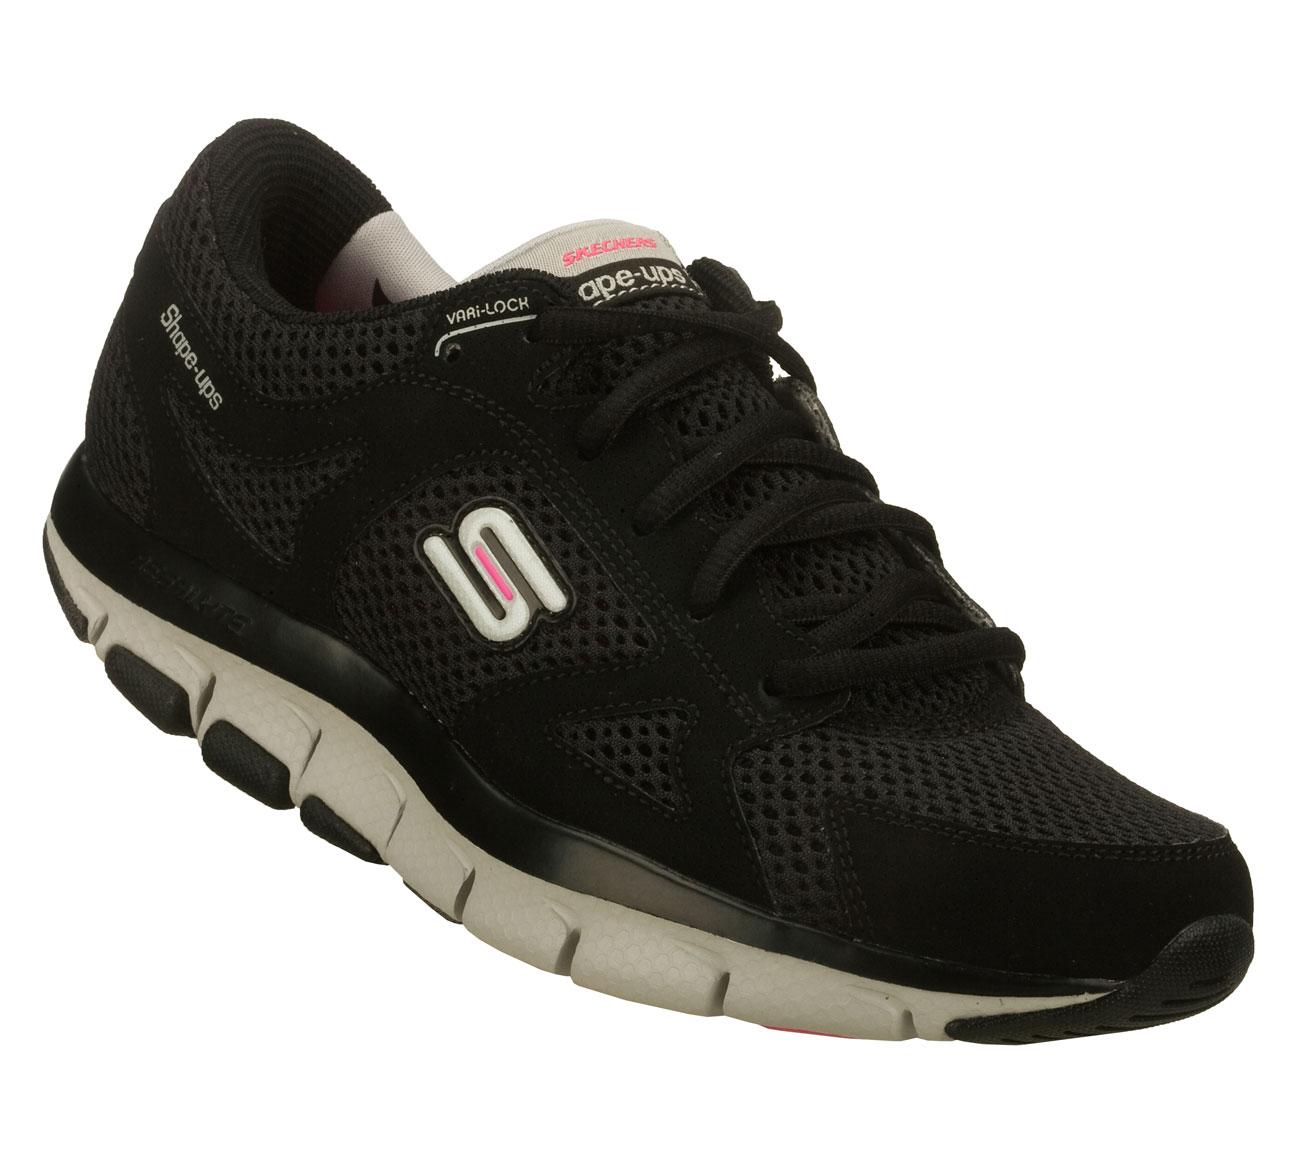 buy skechers shape ups liv training shoes shoes only. Black Bedroom Furniture Sets. Home Design Ideas